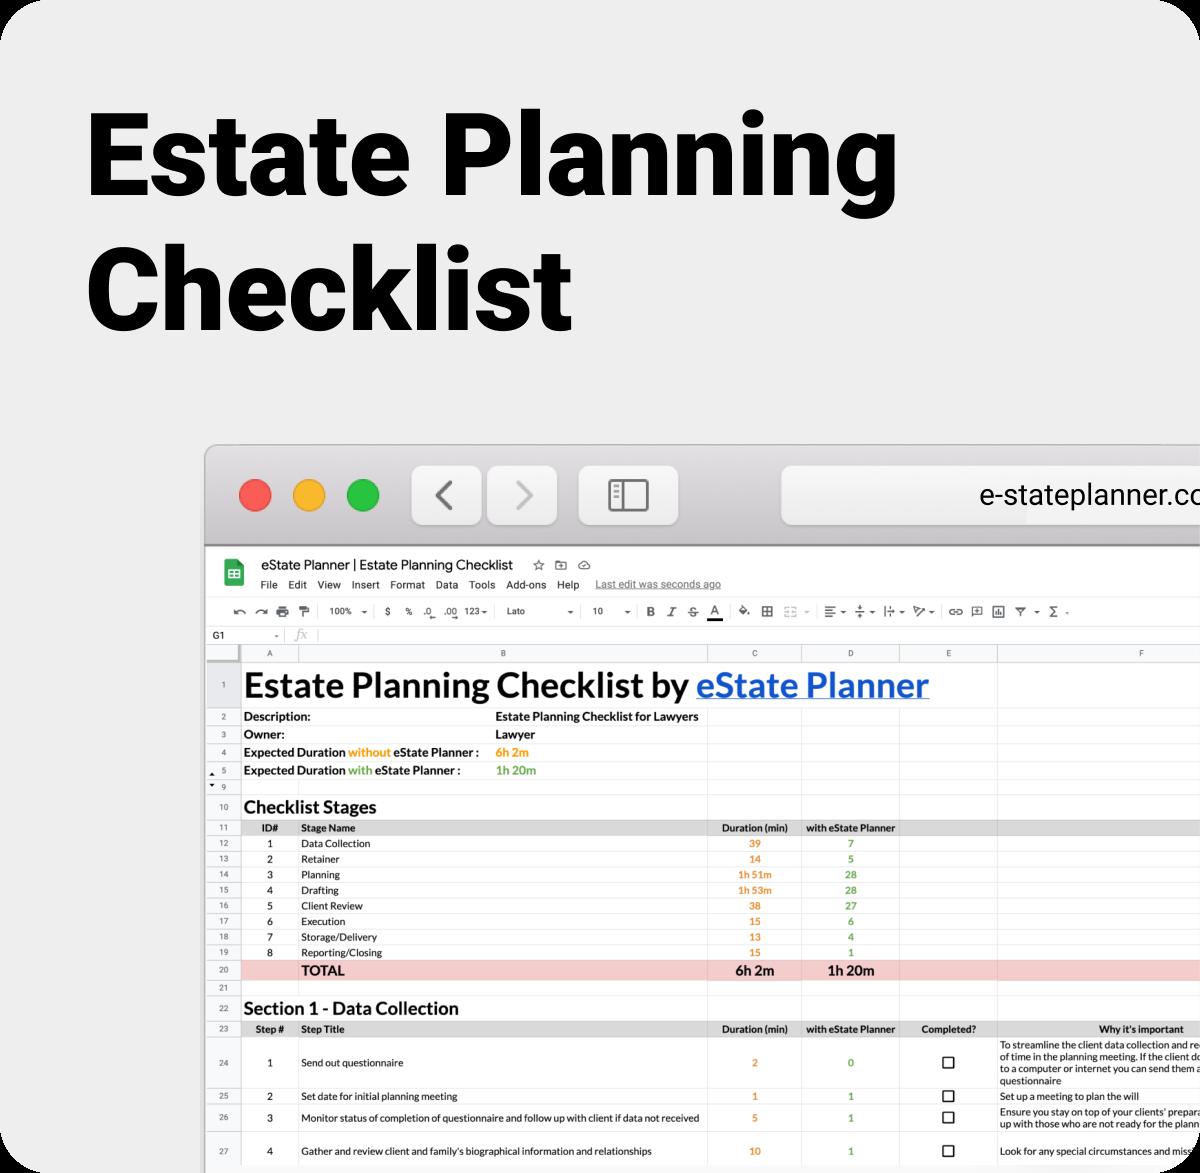 Estate Planning Checklist by eState Planner